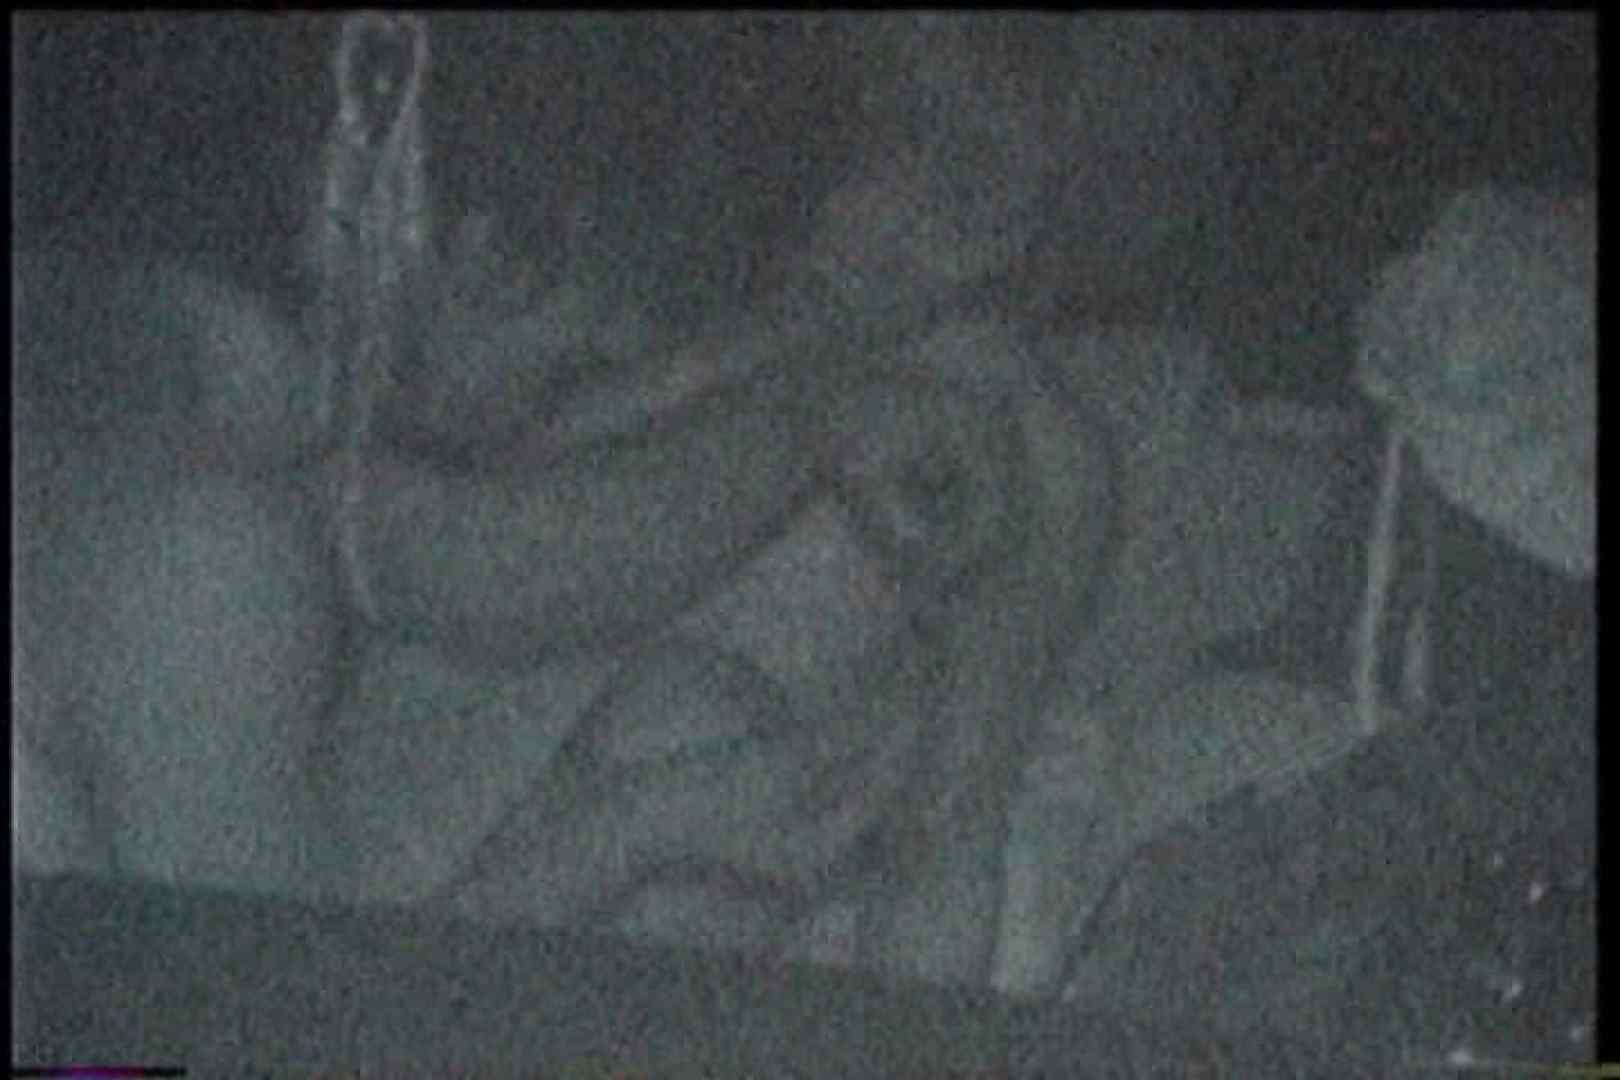 充血監督の深夜の運動会Vol.191 OLエロ画像  105PICs 10